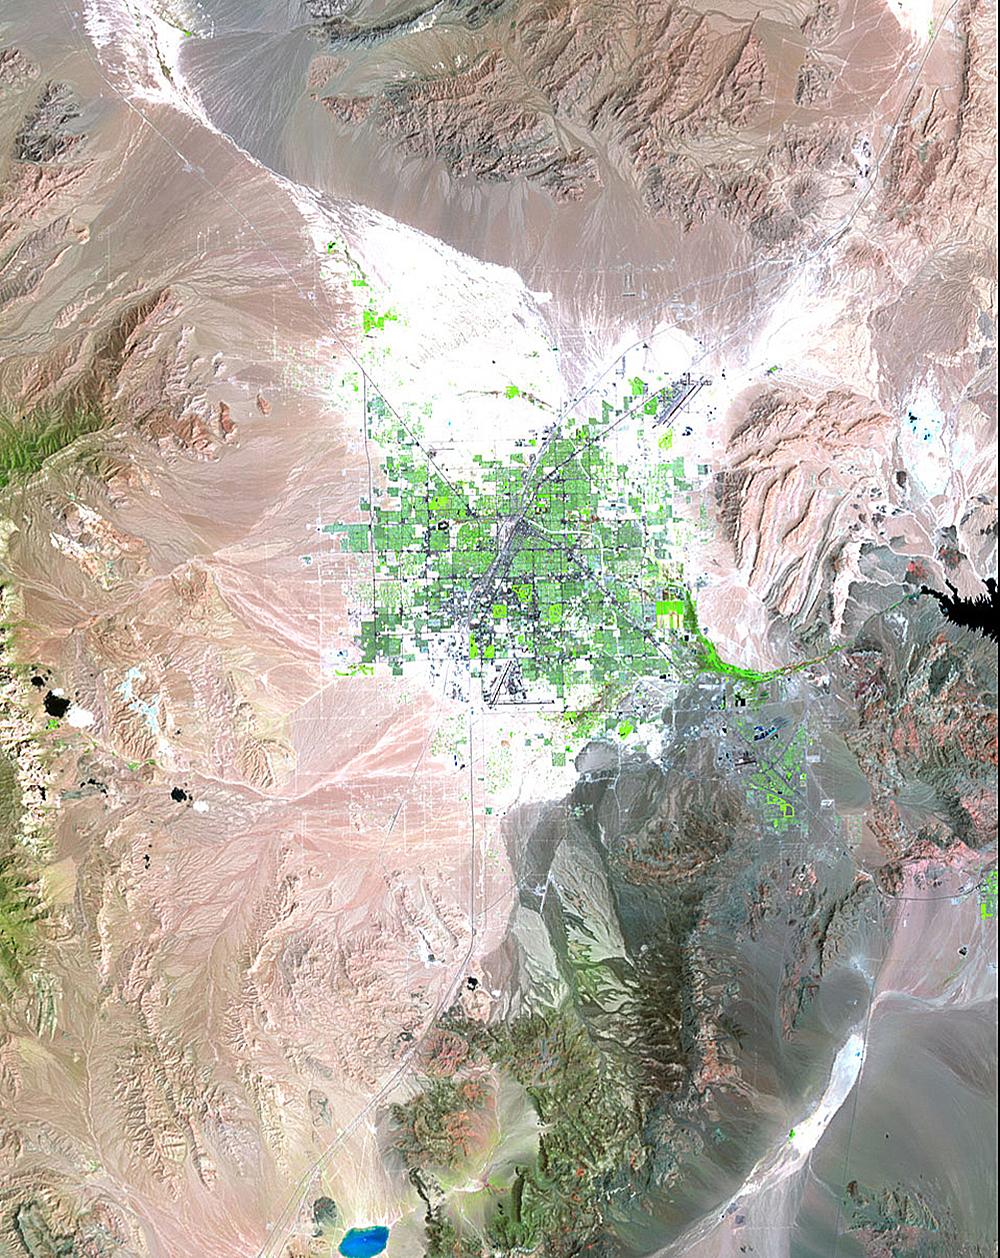 Растущий Лас-Вегас, штат Невада, ивысыхание озера Мид награнице штатов Невада иАризона. Быстрый р